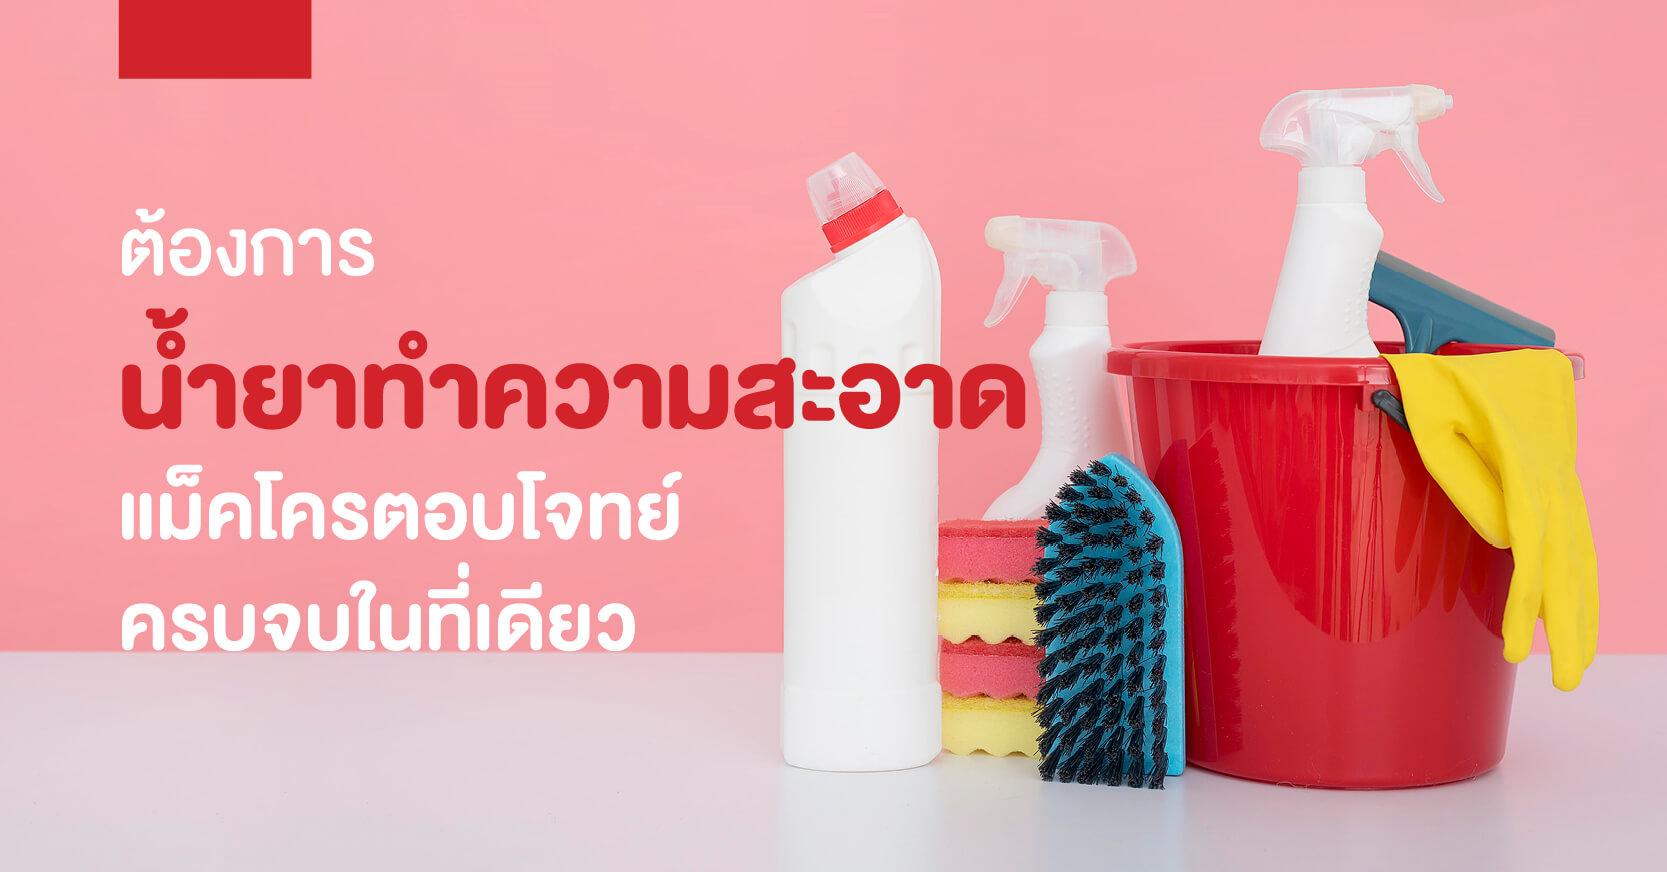 น้ำยาทำความสะอาด